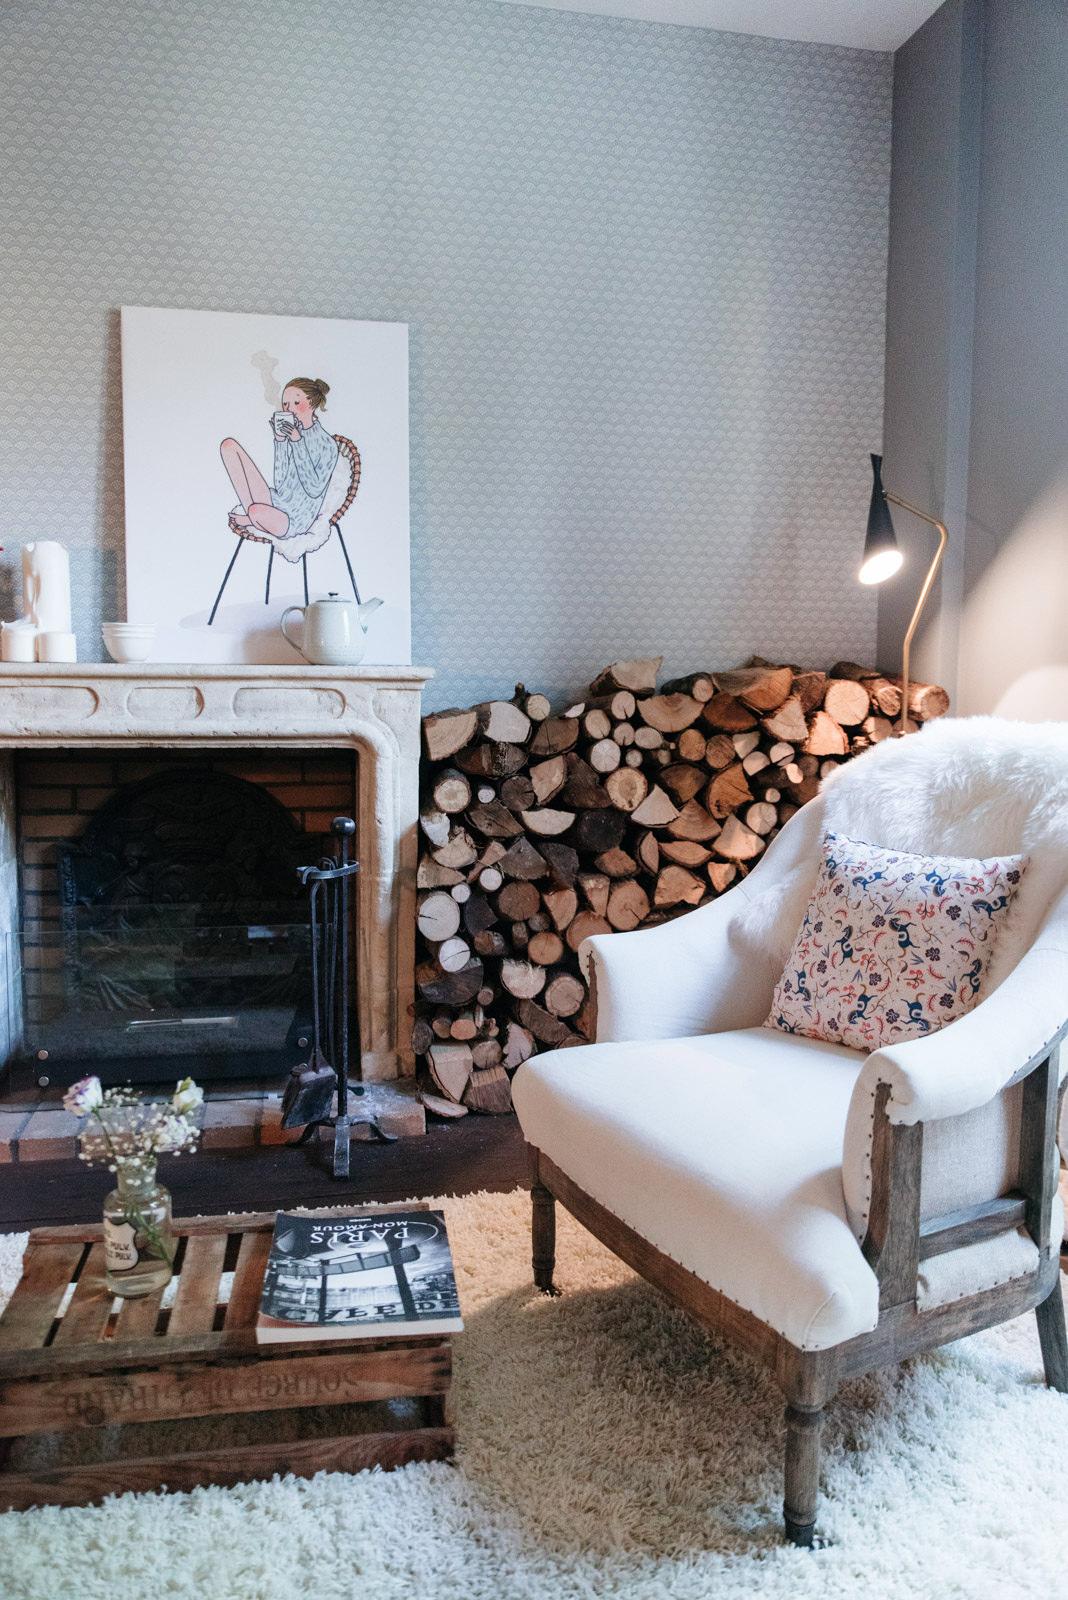 Blog-Mode-And-The-City-Lifestyle-Maison-Montmartre-My-Little-Paris-26